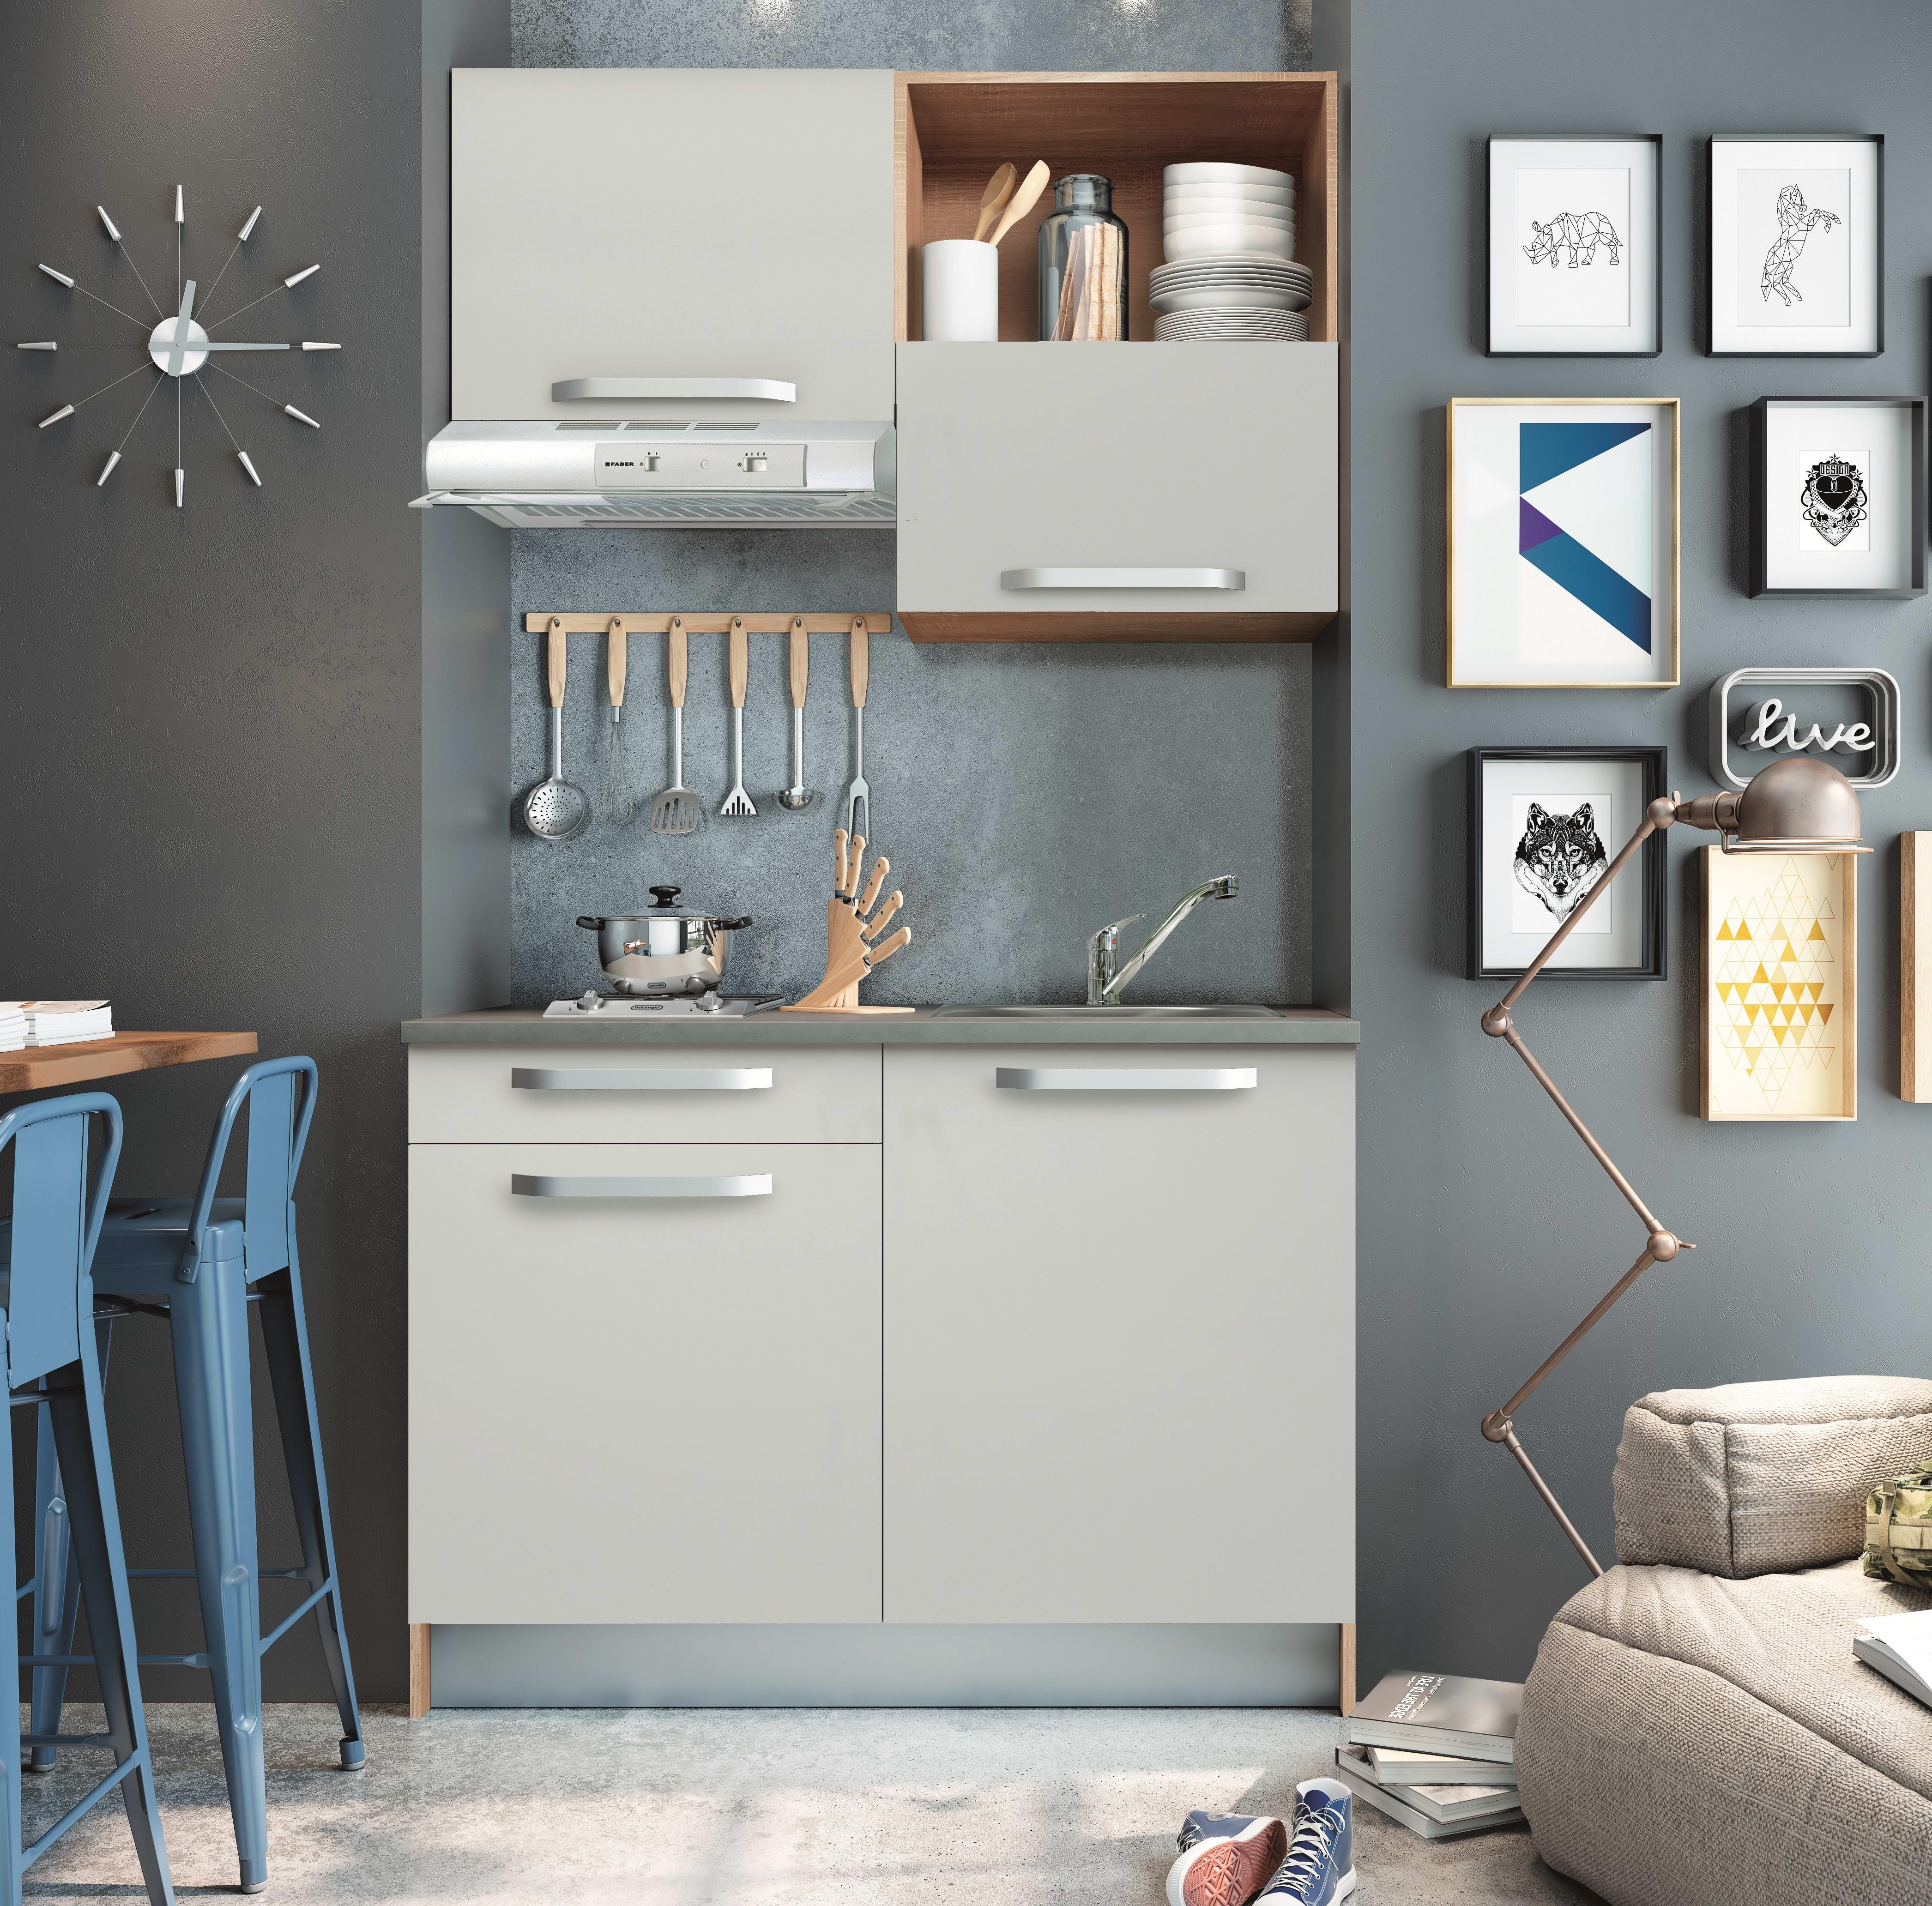 Mini Cucine Componibili Prezzi.Cucina In Kit One Bianco L 120 Cm